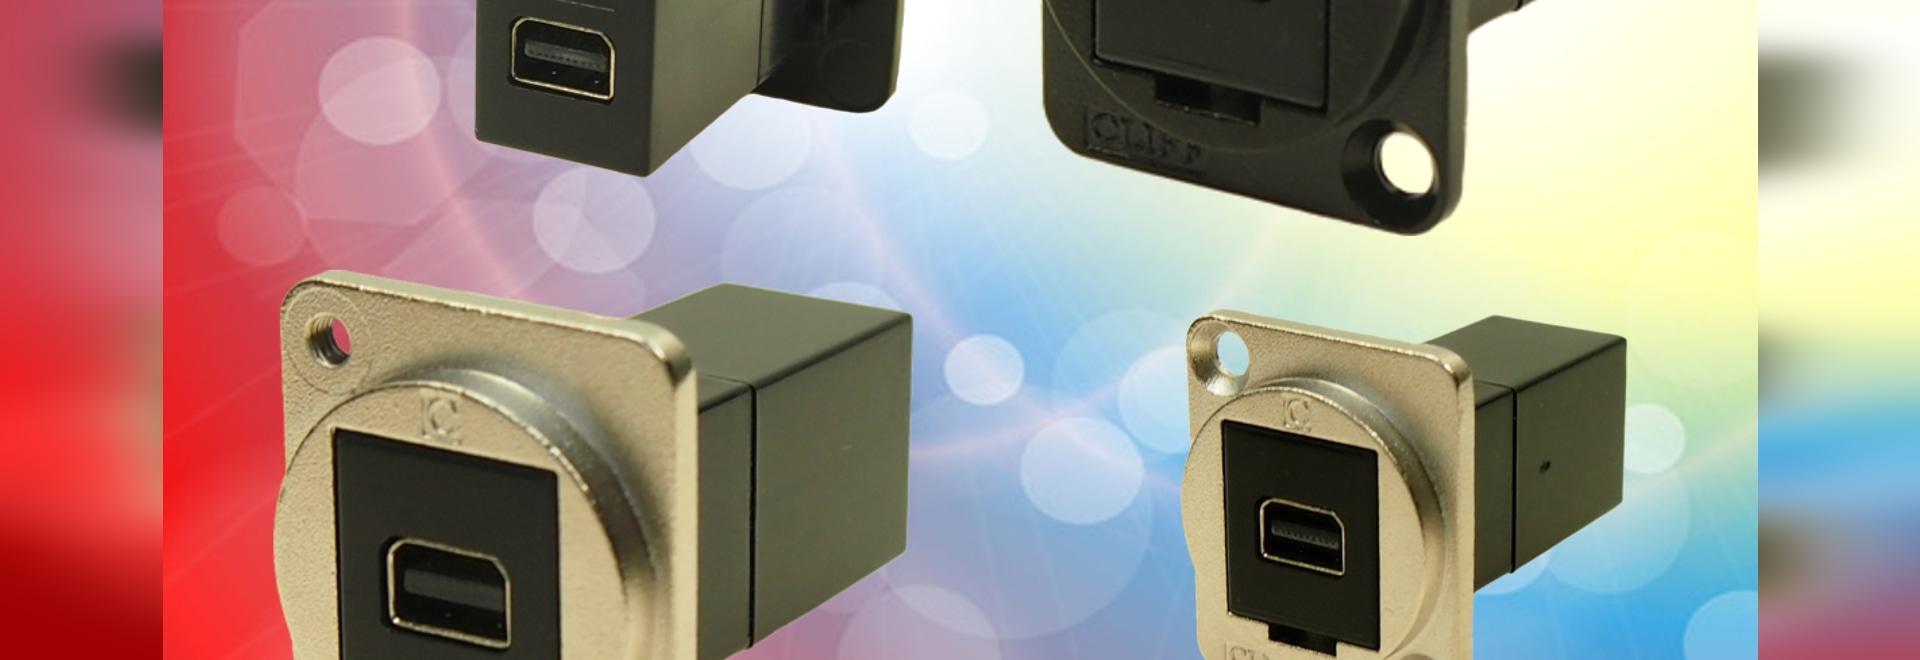 Mini Displayport añadido a la gama de conectores FeedThrough de Cliff